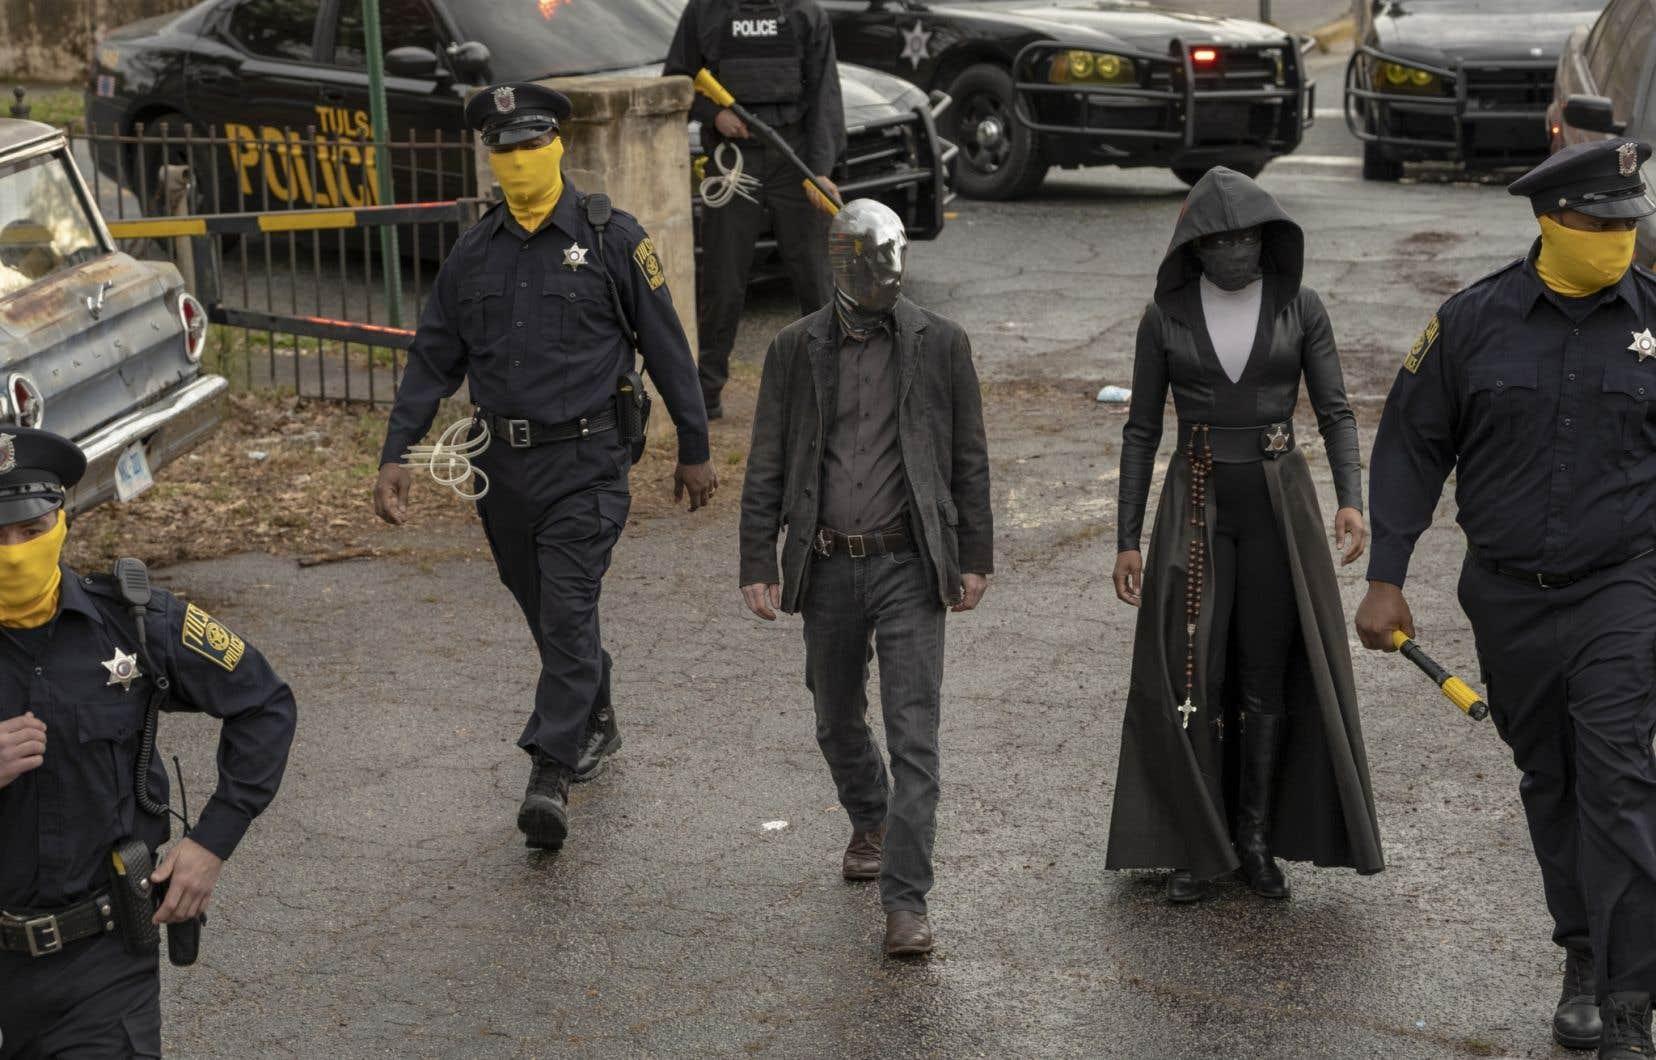 Dérivée d'une série de comics créée dans les années1980 par le Britannique Alan Moore, «Watchmen<i>»</i> semble avoir de bonnes chances d'emporter l'Emmy Award, équivalent des Oscars pour la télévision américaine, dans la catégorie des mini-séries.